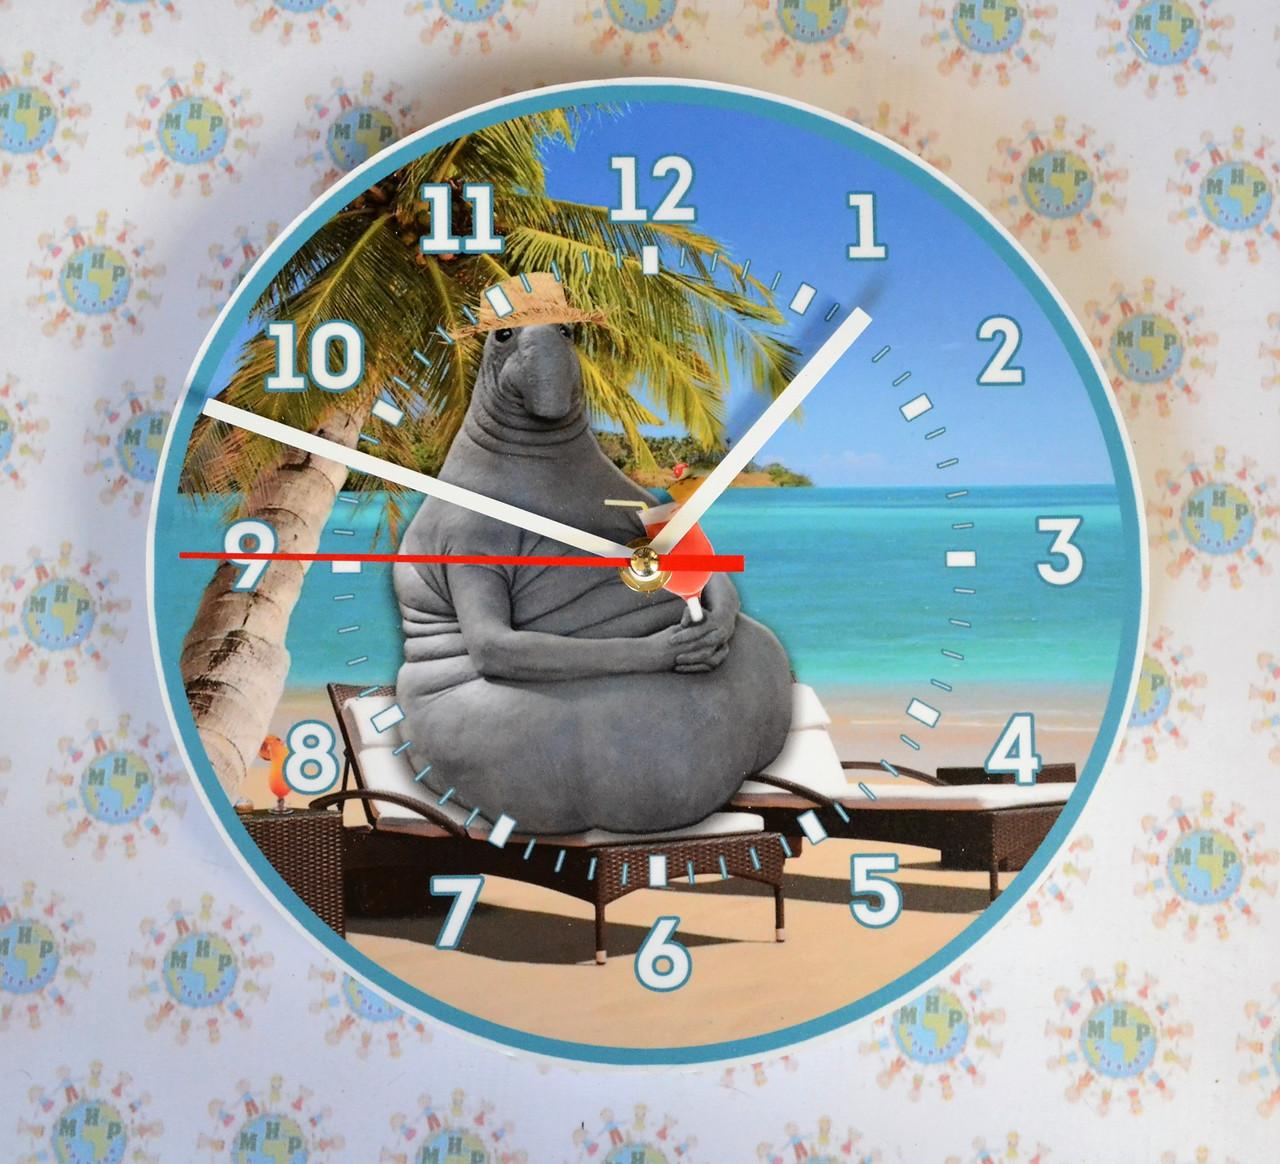 Ждун. Настенные часы - Мир стендов. Значки, часы, магниты, детские товары и сувениры в Киеве